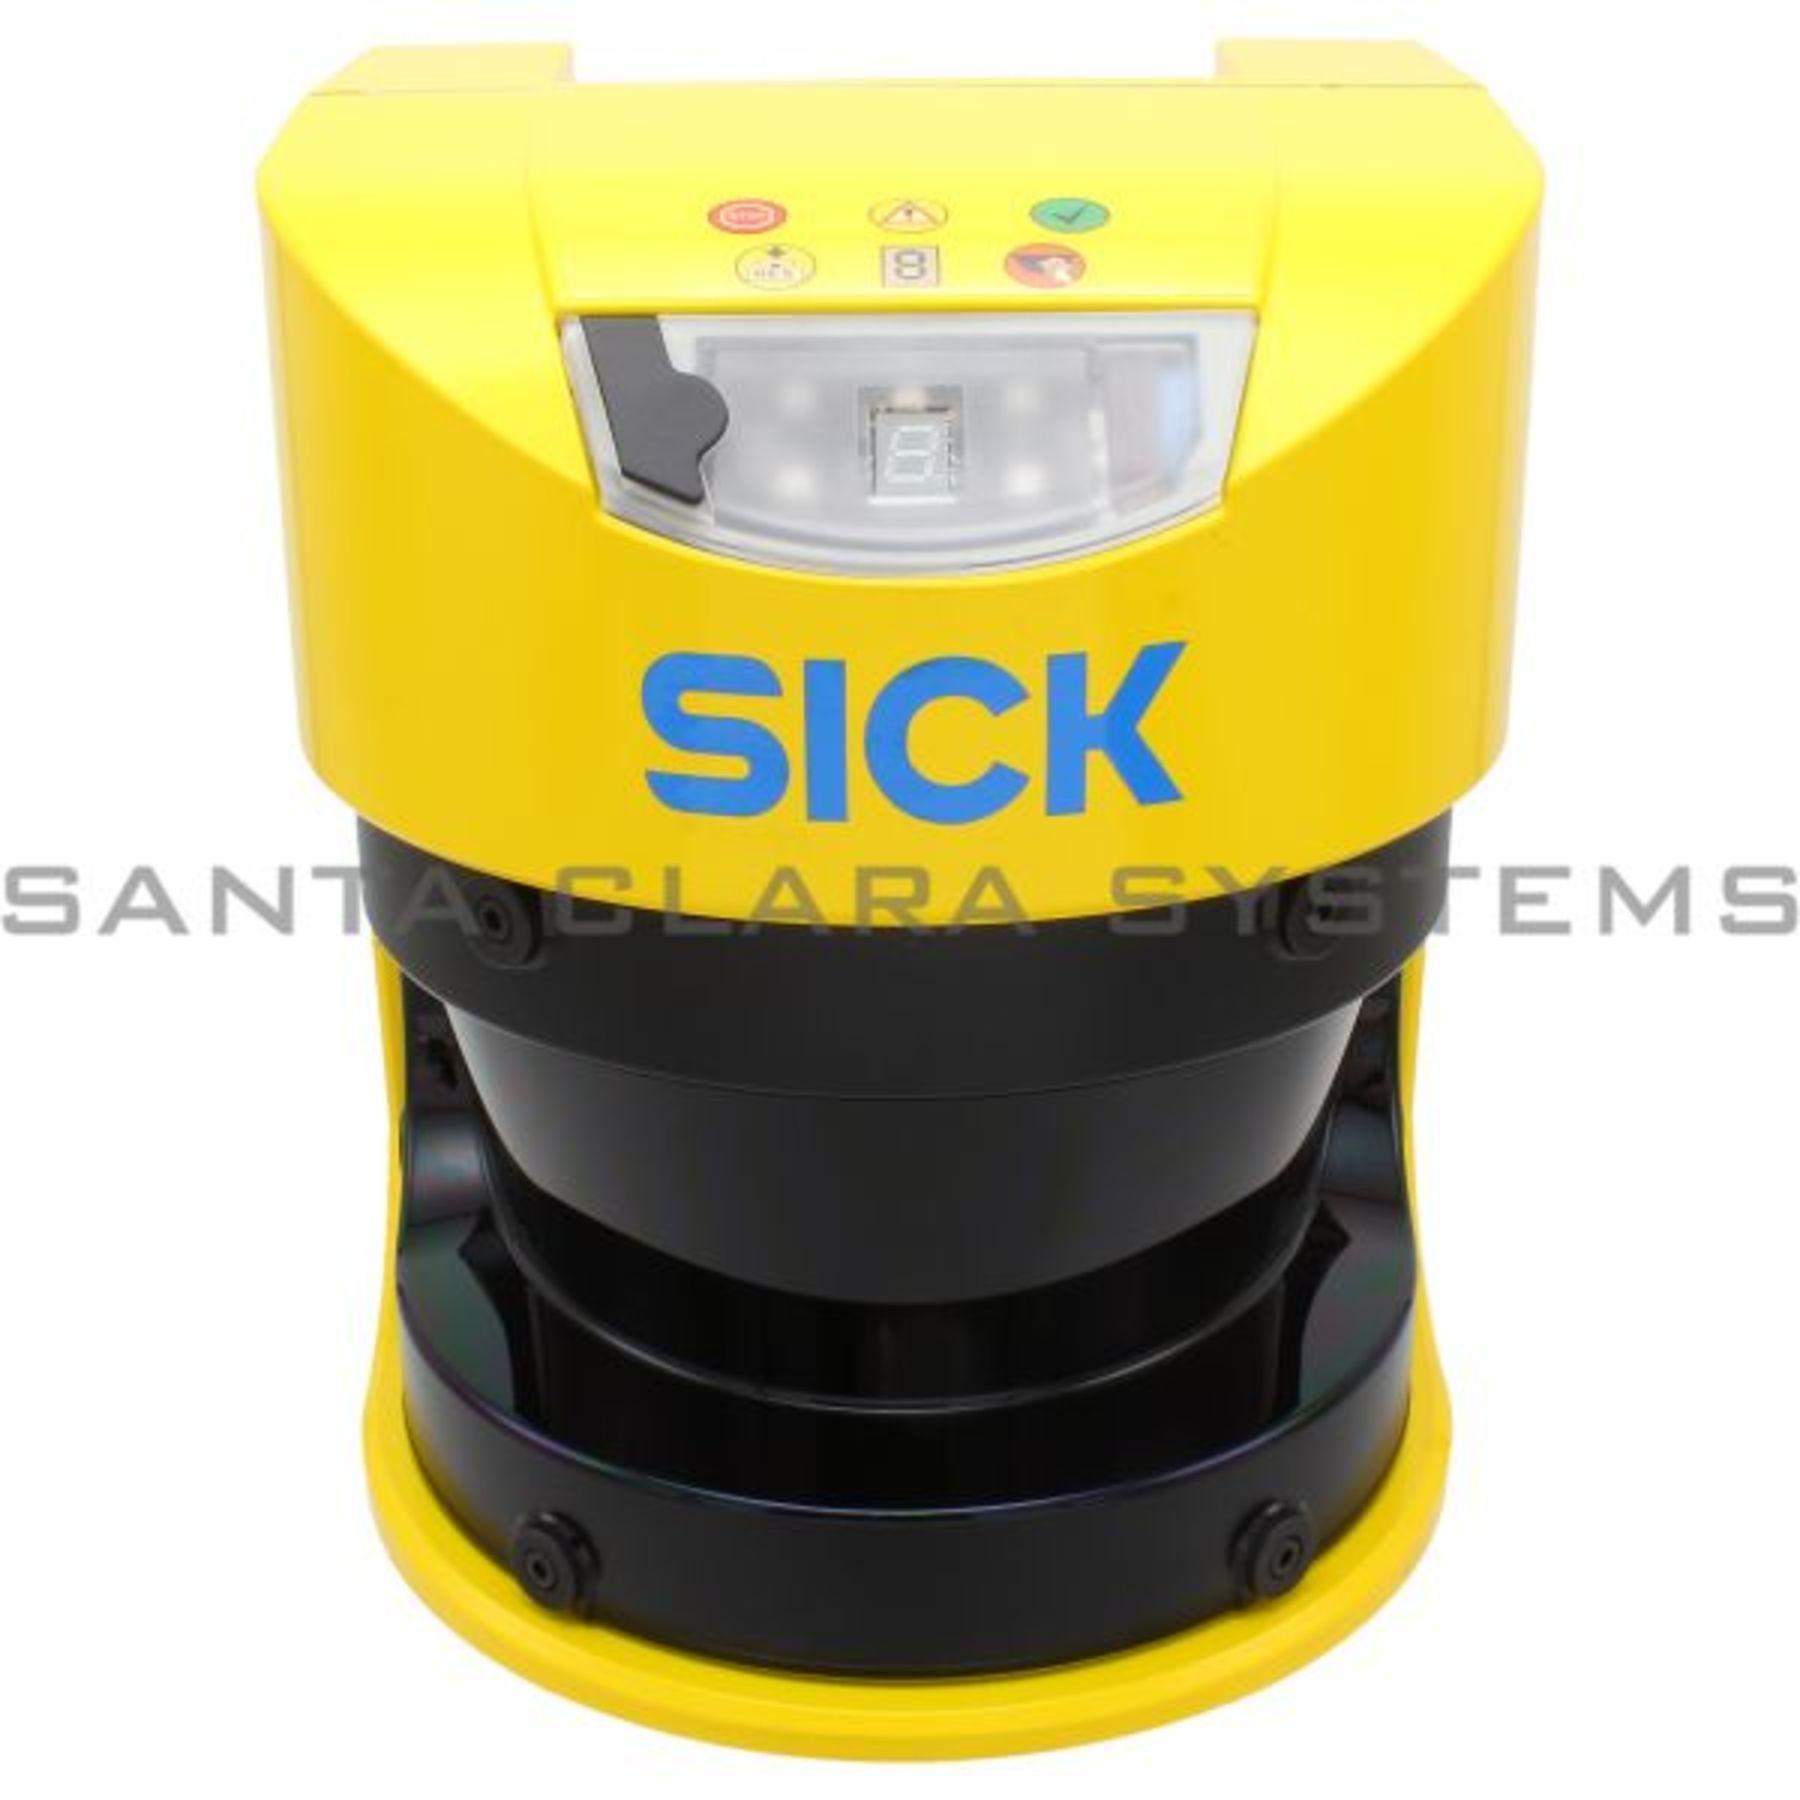 SICK S30A-4011BA SAFETY LASER SCANNER